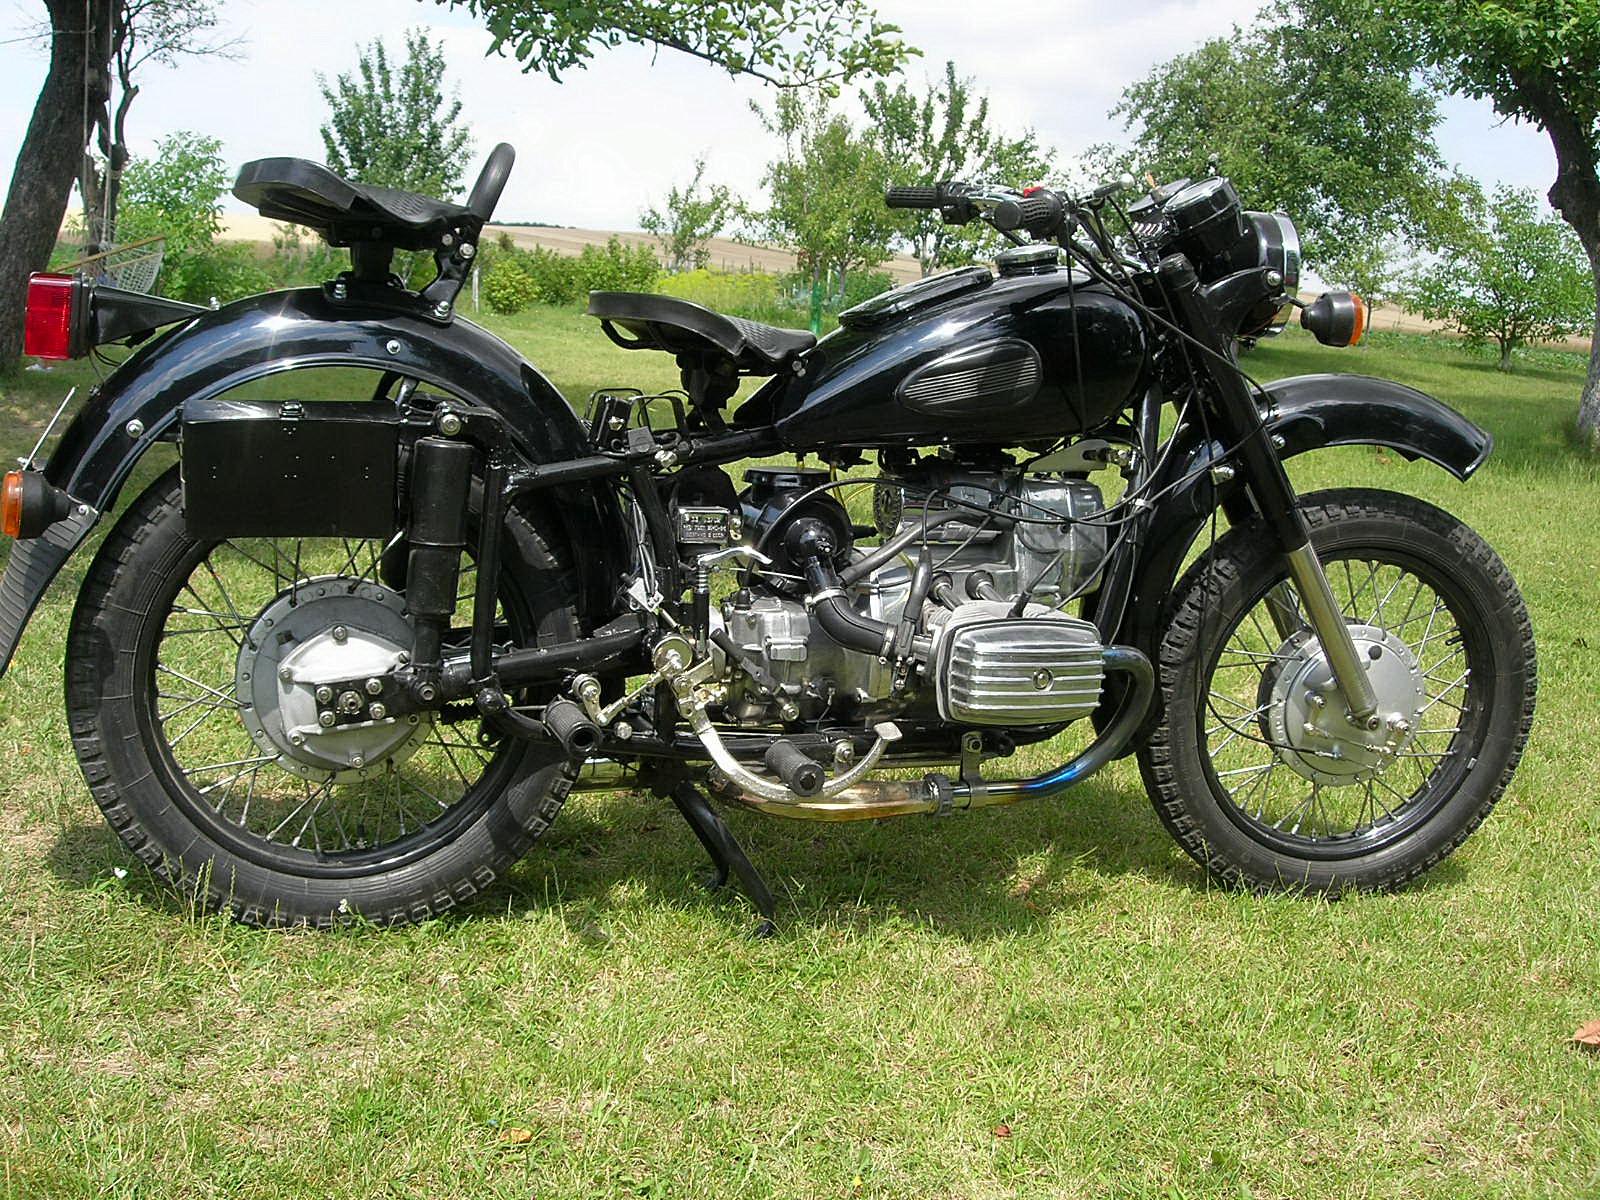 Plik:mt10 dniepr motorcycle